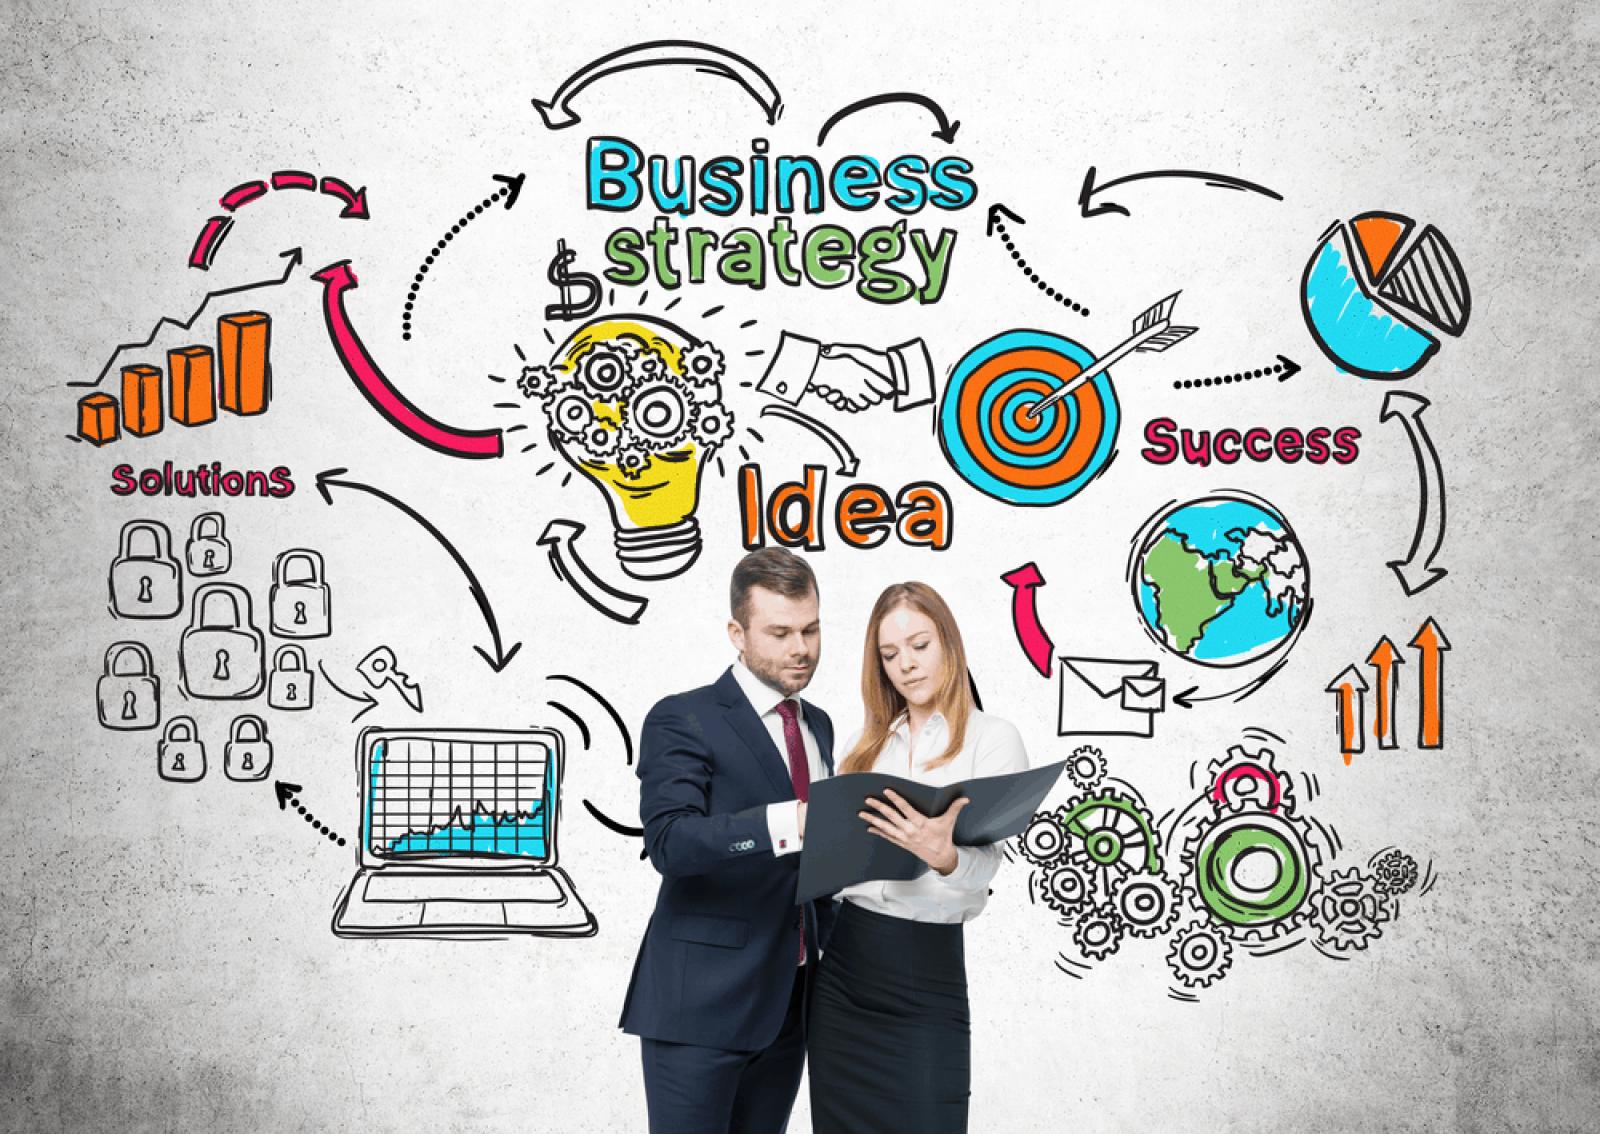 Ý tưởng tư duy để khởi nghiệp thành công từ đam mê thực sự của bản thân